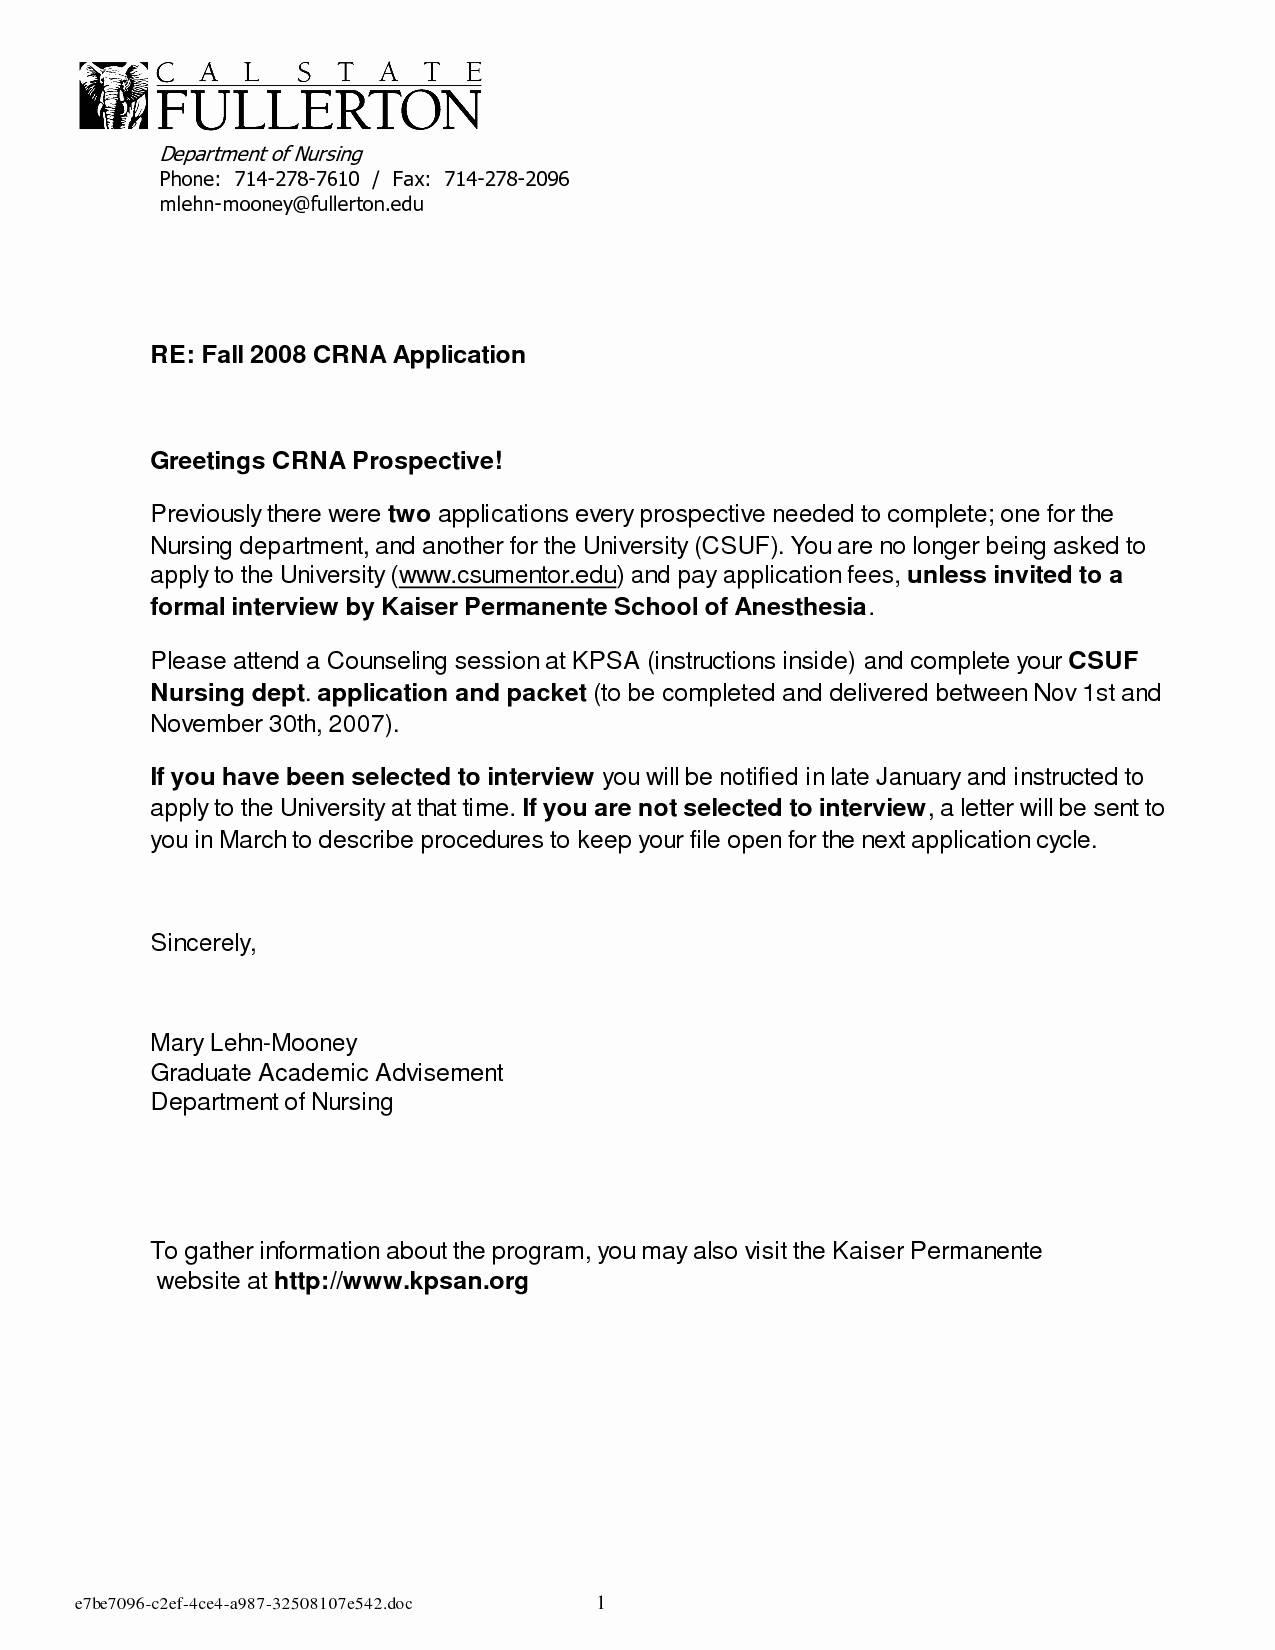 Nursing School Recommendation Letter Template - High School Re Mendation Letter Template Unique Letter Re